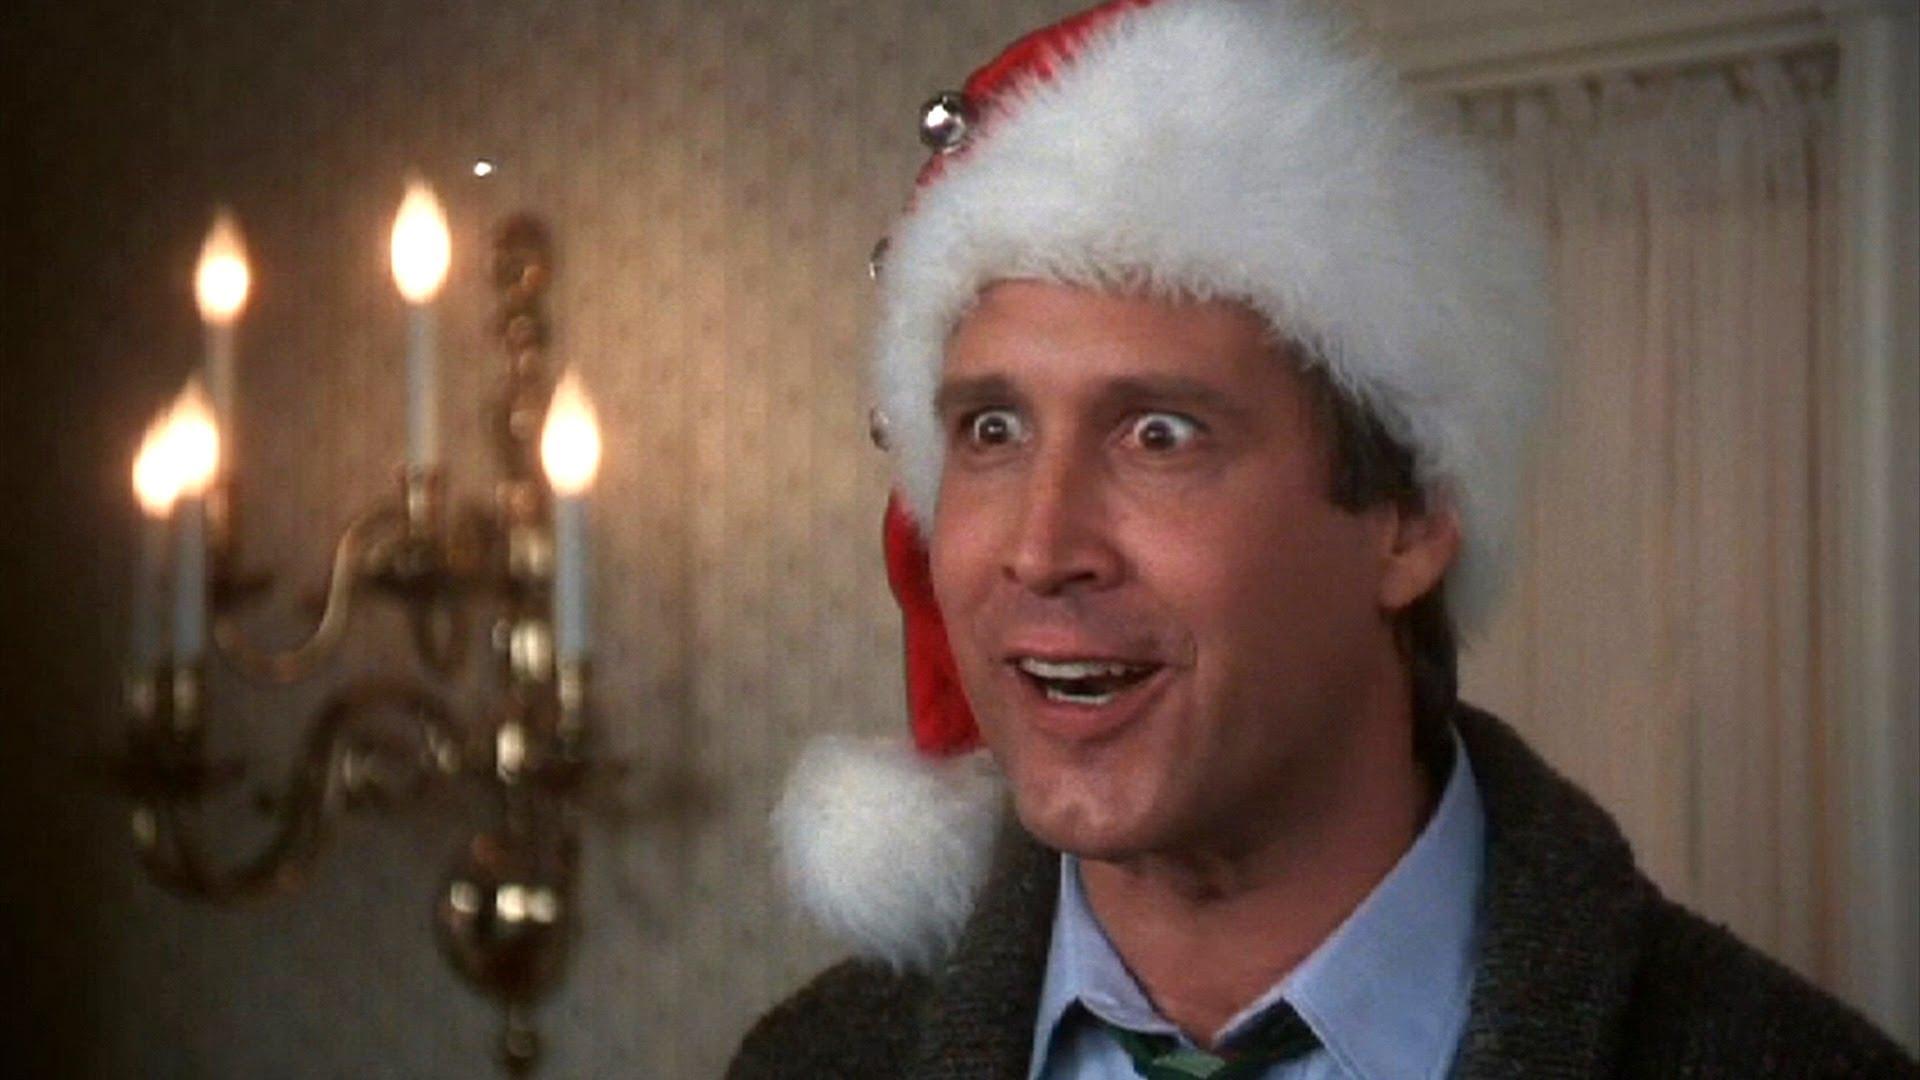 рождественские каникулы кадр